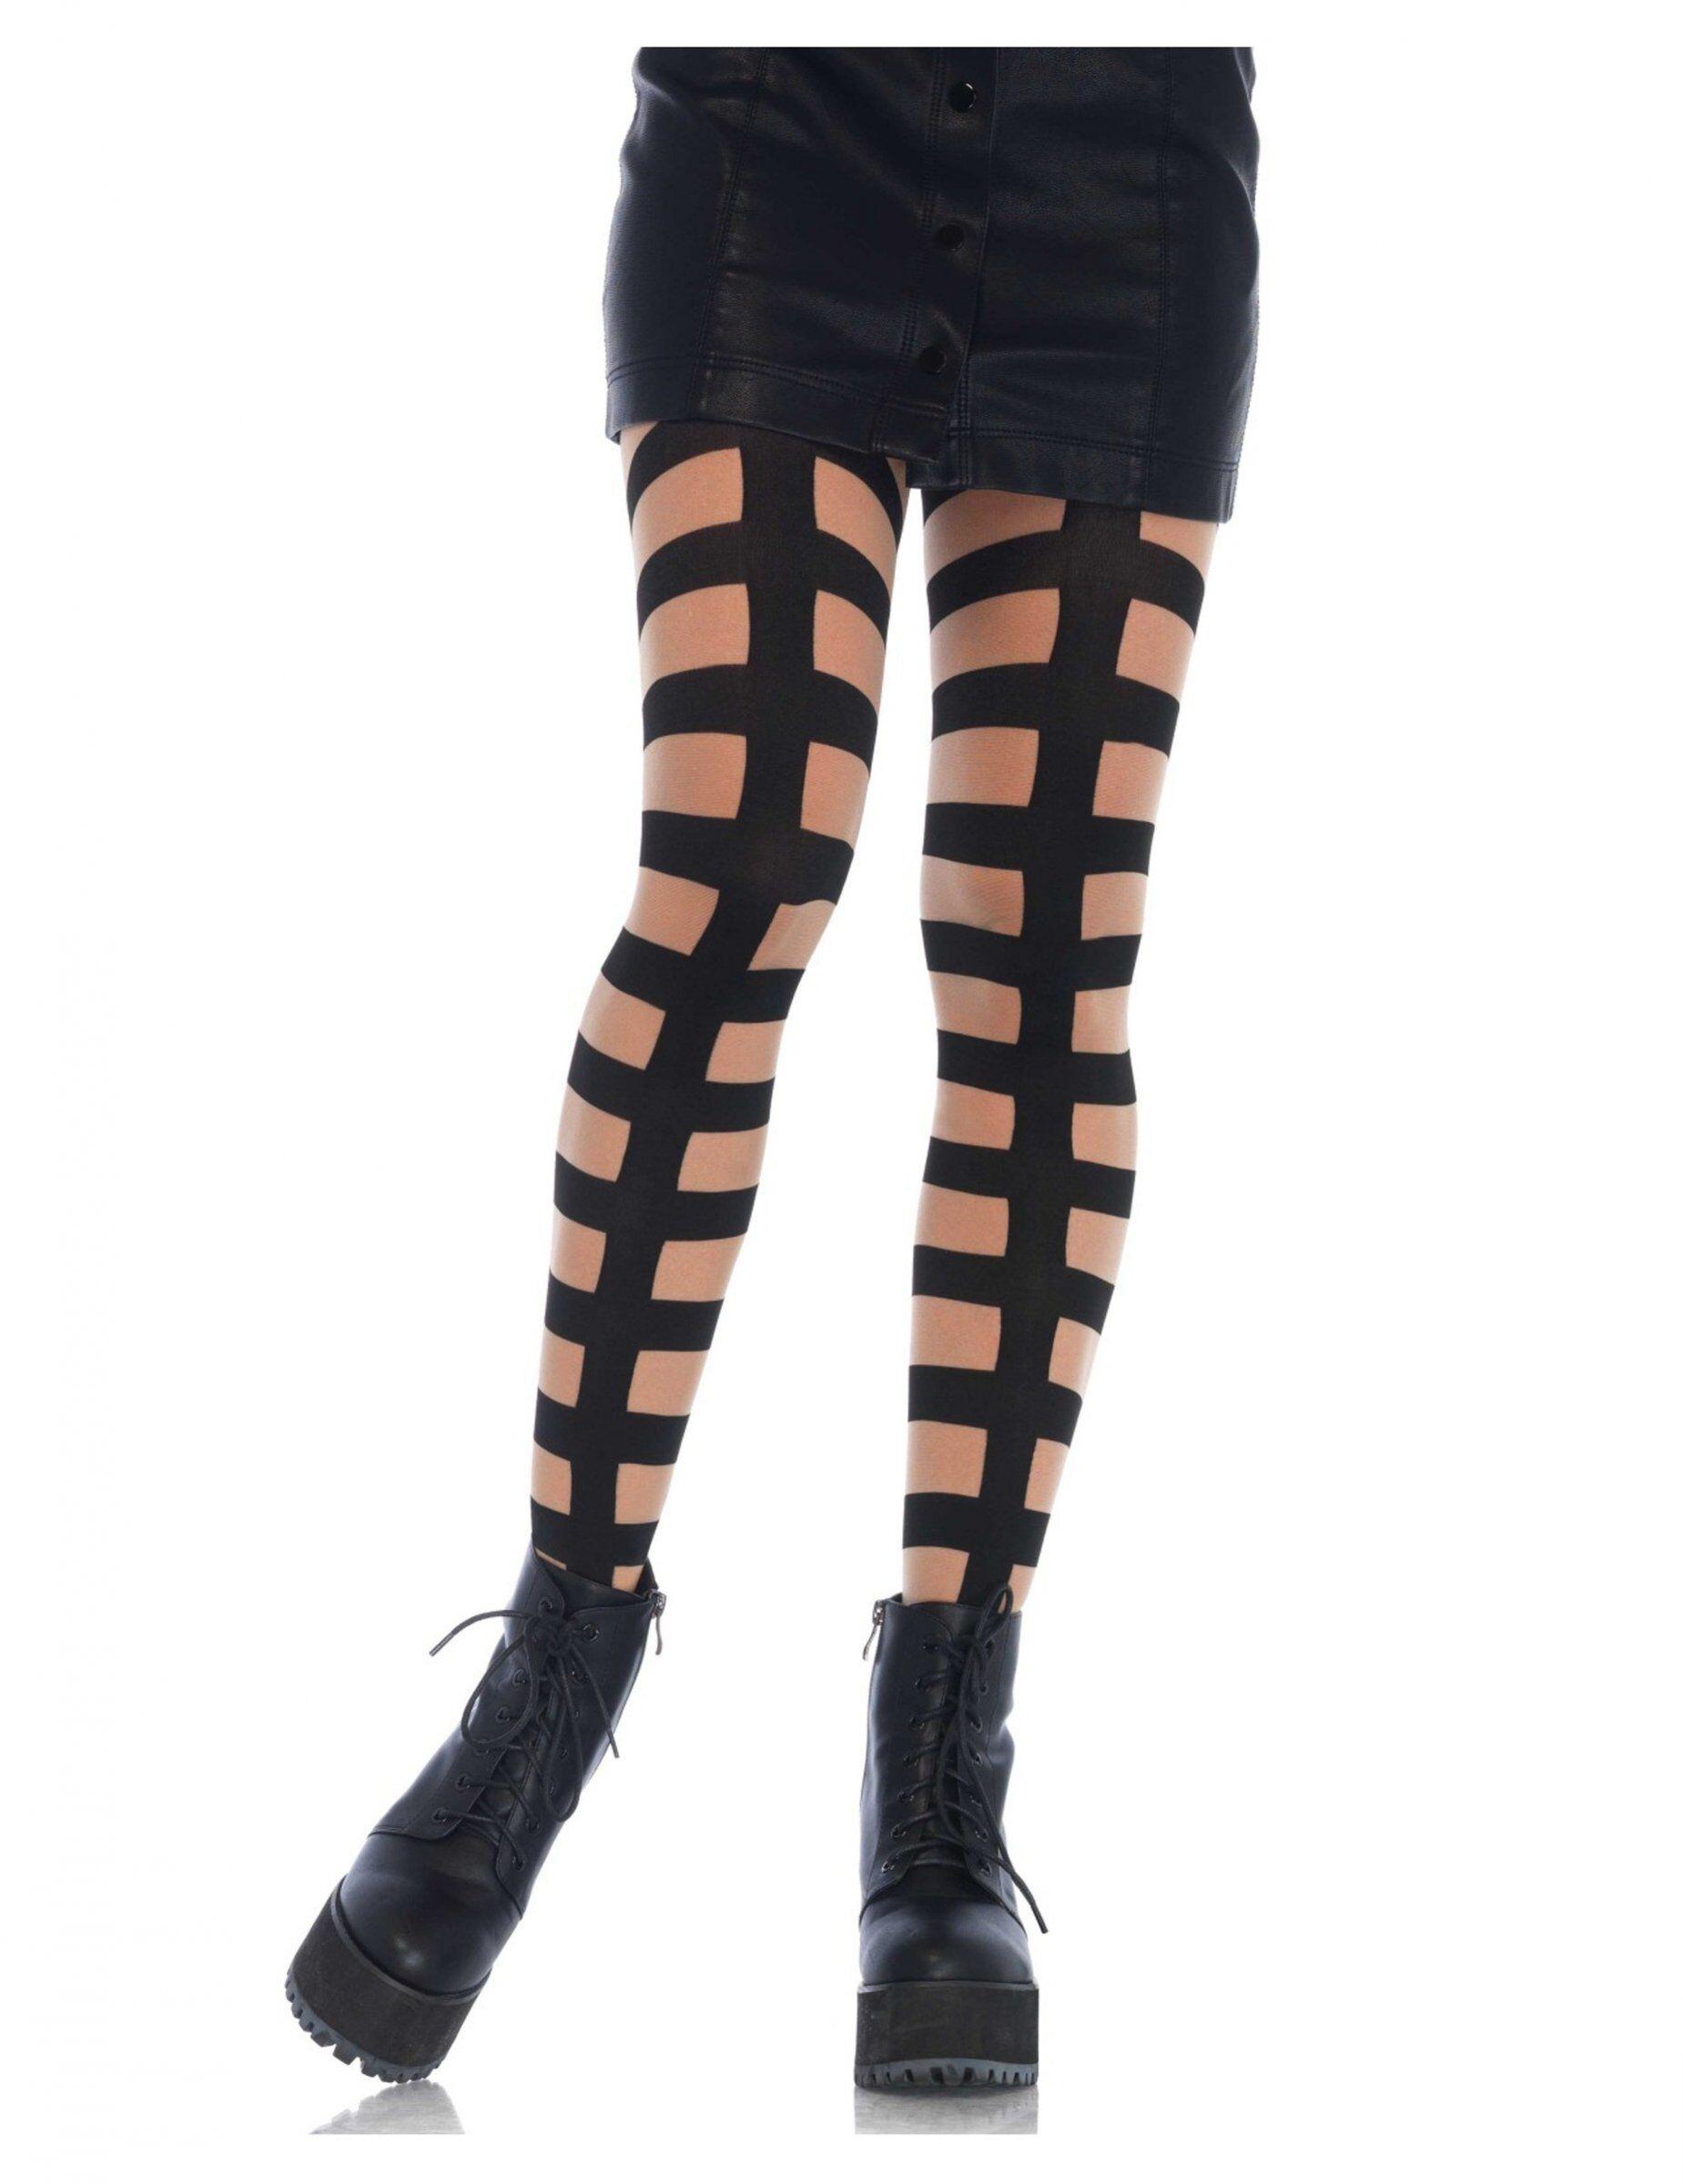 Vegaoo Calze effetto cinghie a gabbia nera per donna